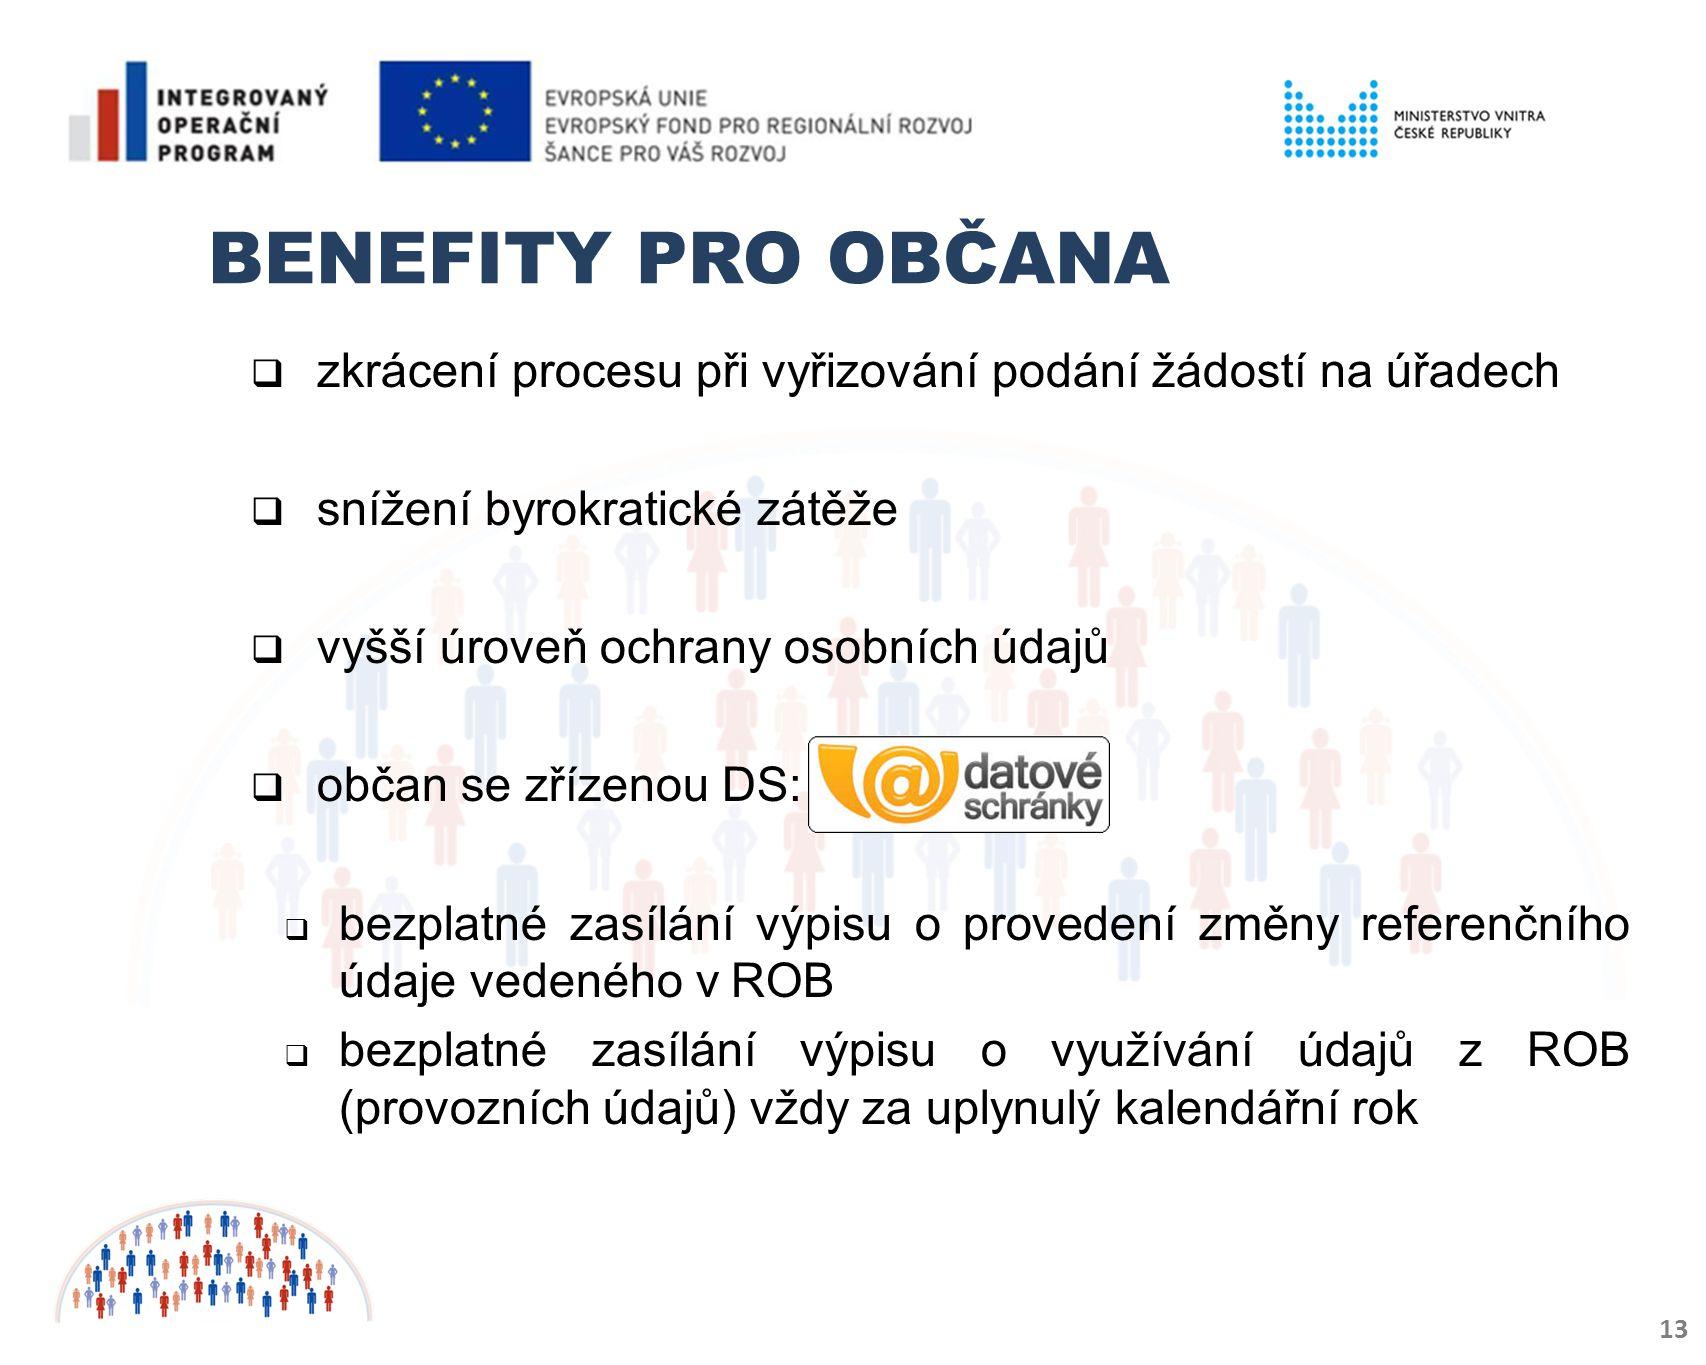 Benefity pro občana zkrácení procesu při vyřizování podání žádostí na úřadech. snížení byrokratické zátěže.